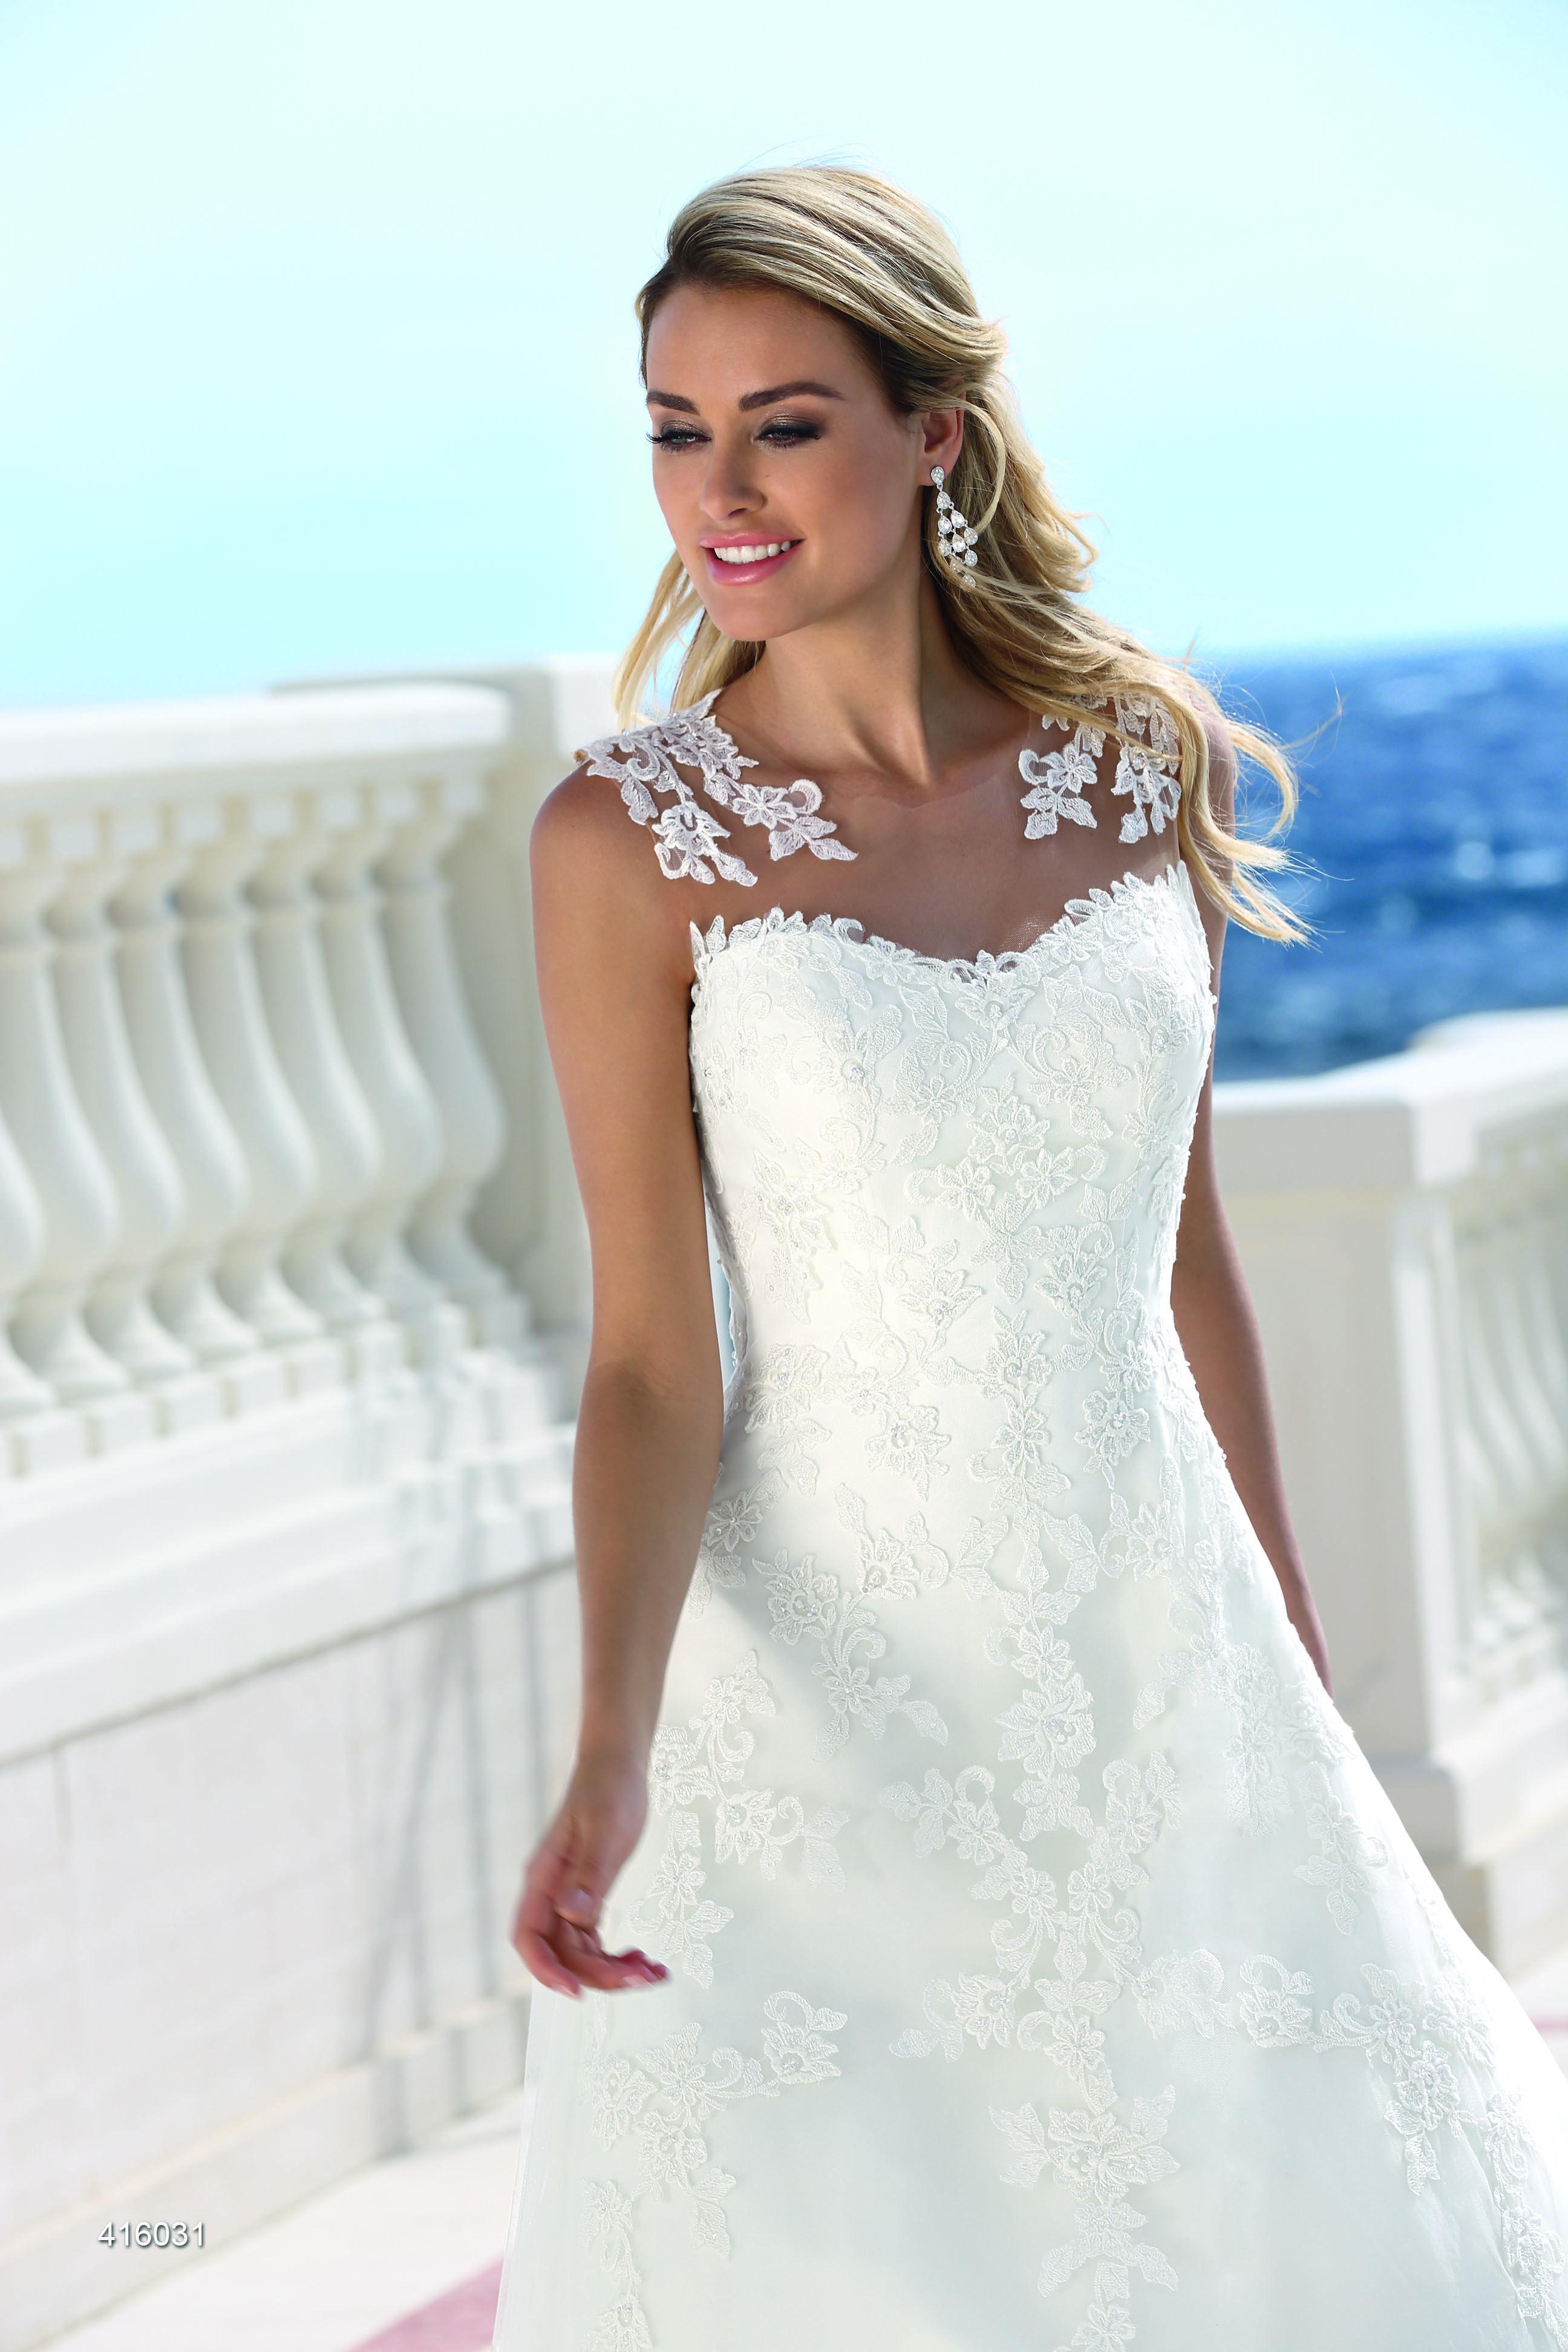 Ladybird Brautkleider 2016 - bei uns erhältlich | Wedding Dress ...